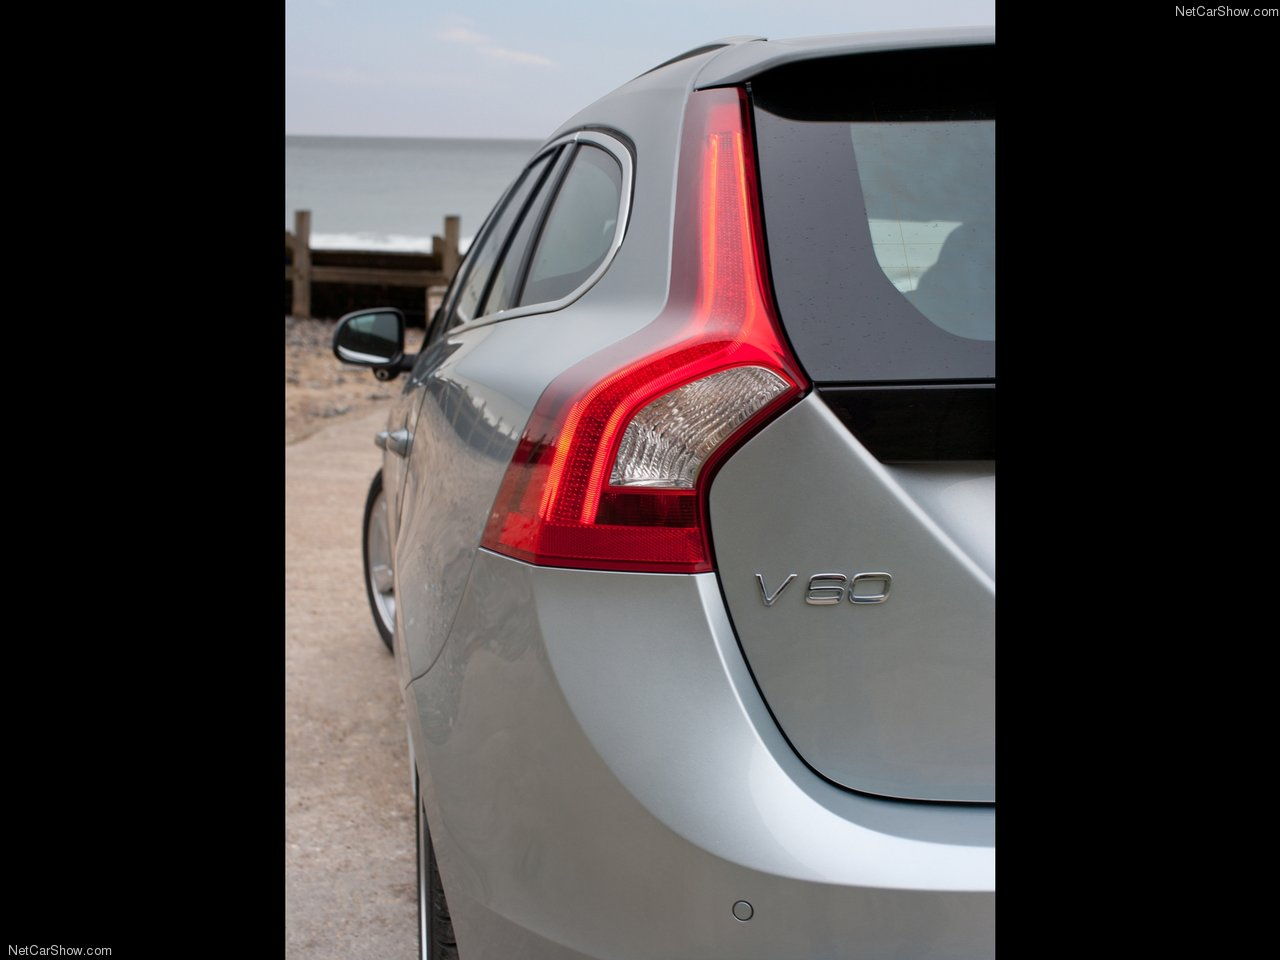 Volvo V60 2011 Volvo-V60-2011-1280-74